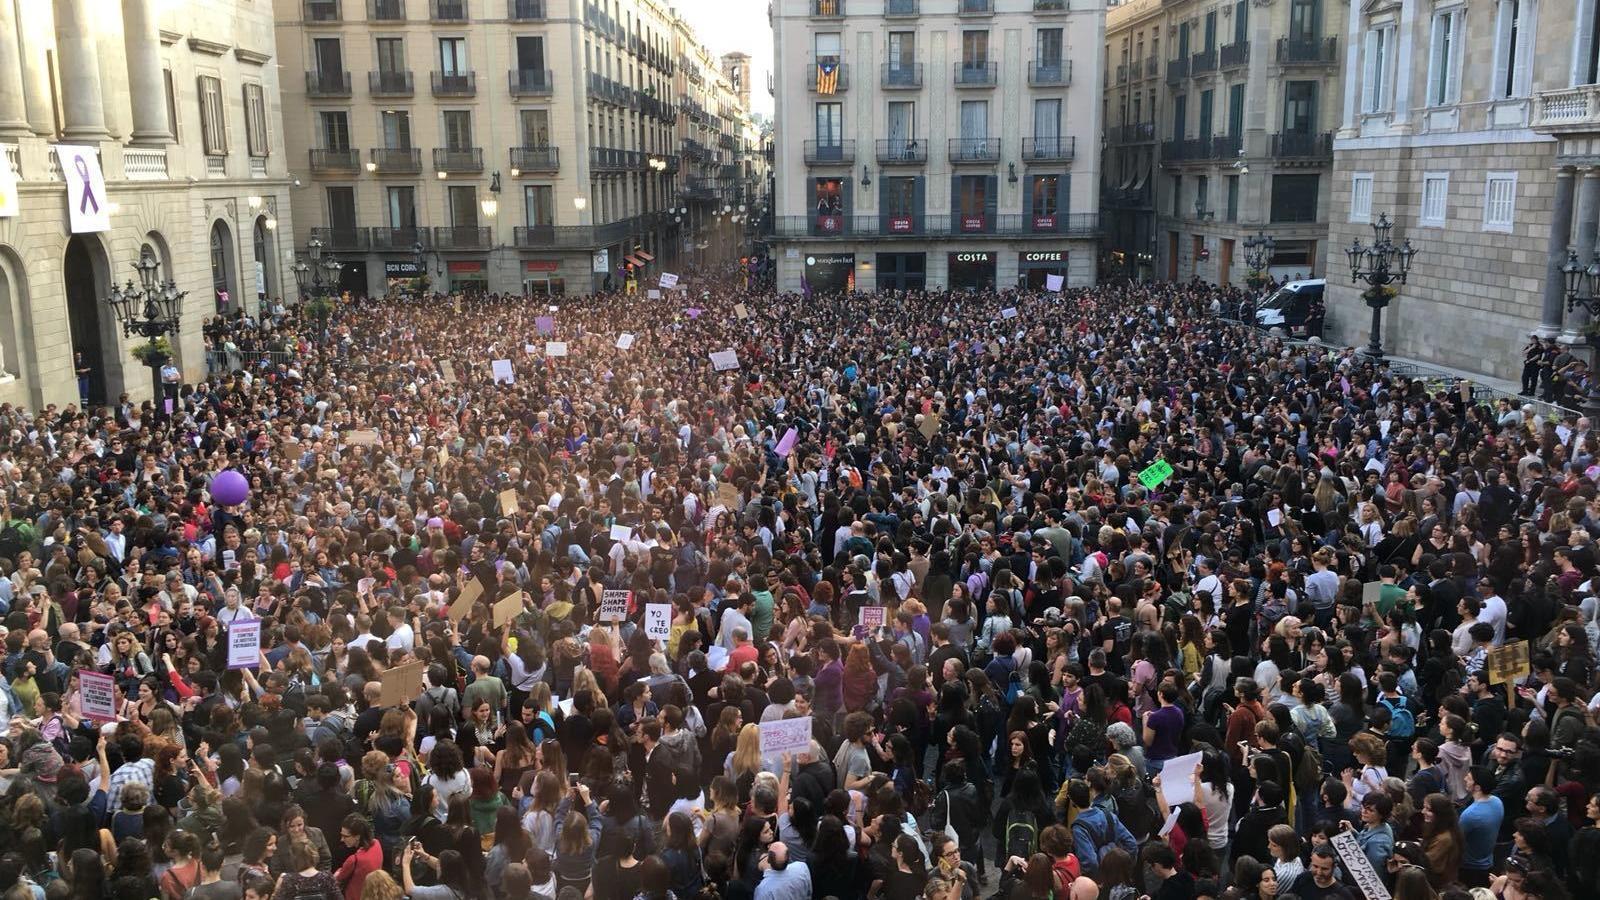 La plaça Sant Jaume ha quedat plena durant la concentració